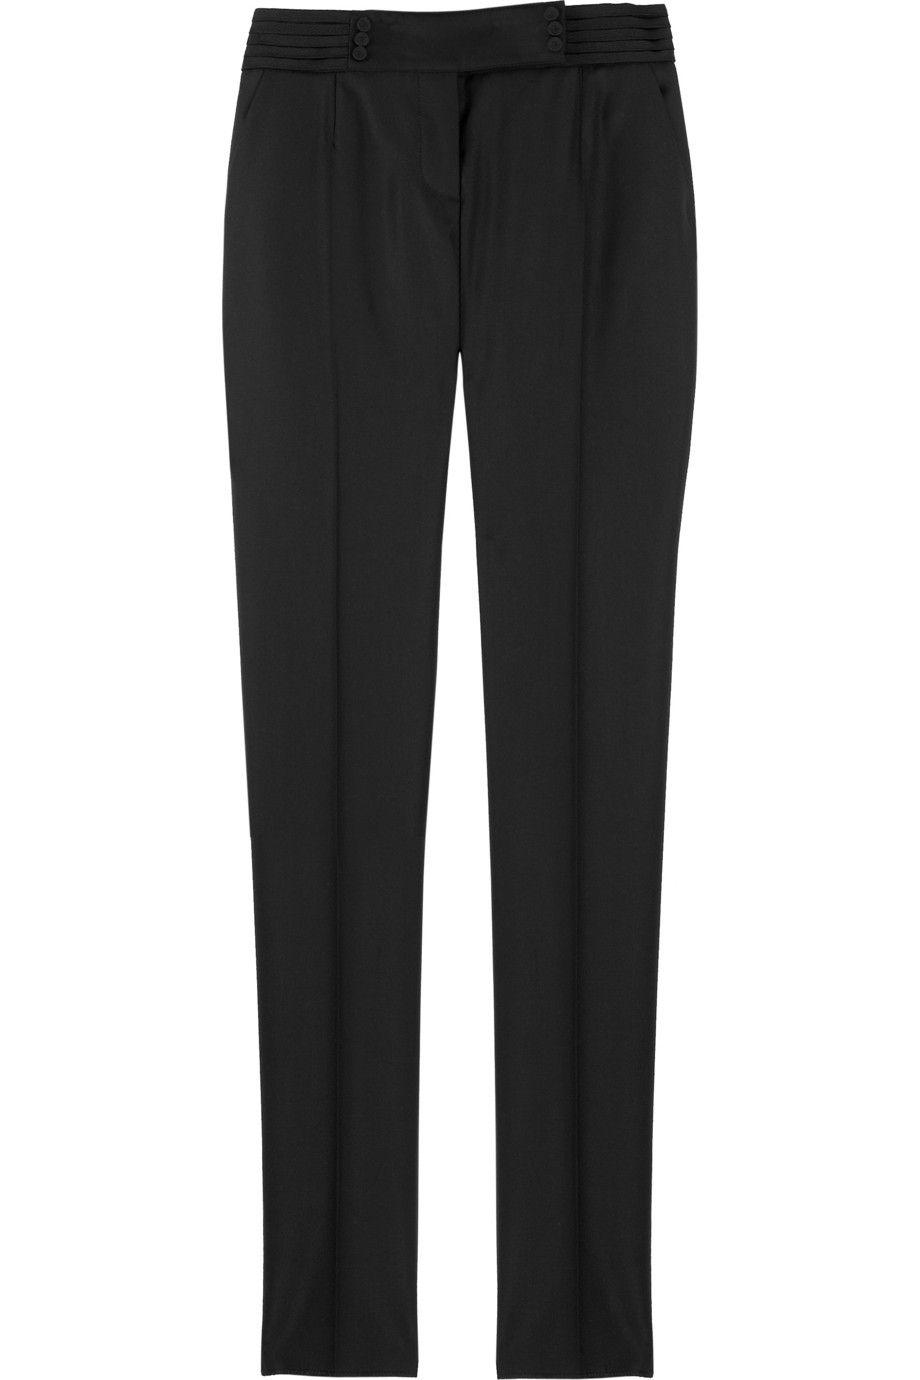 Me gusta los pantalones de esmoquin. Los pantalones es negro. Esto es para fiestas elegantes.